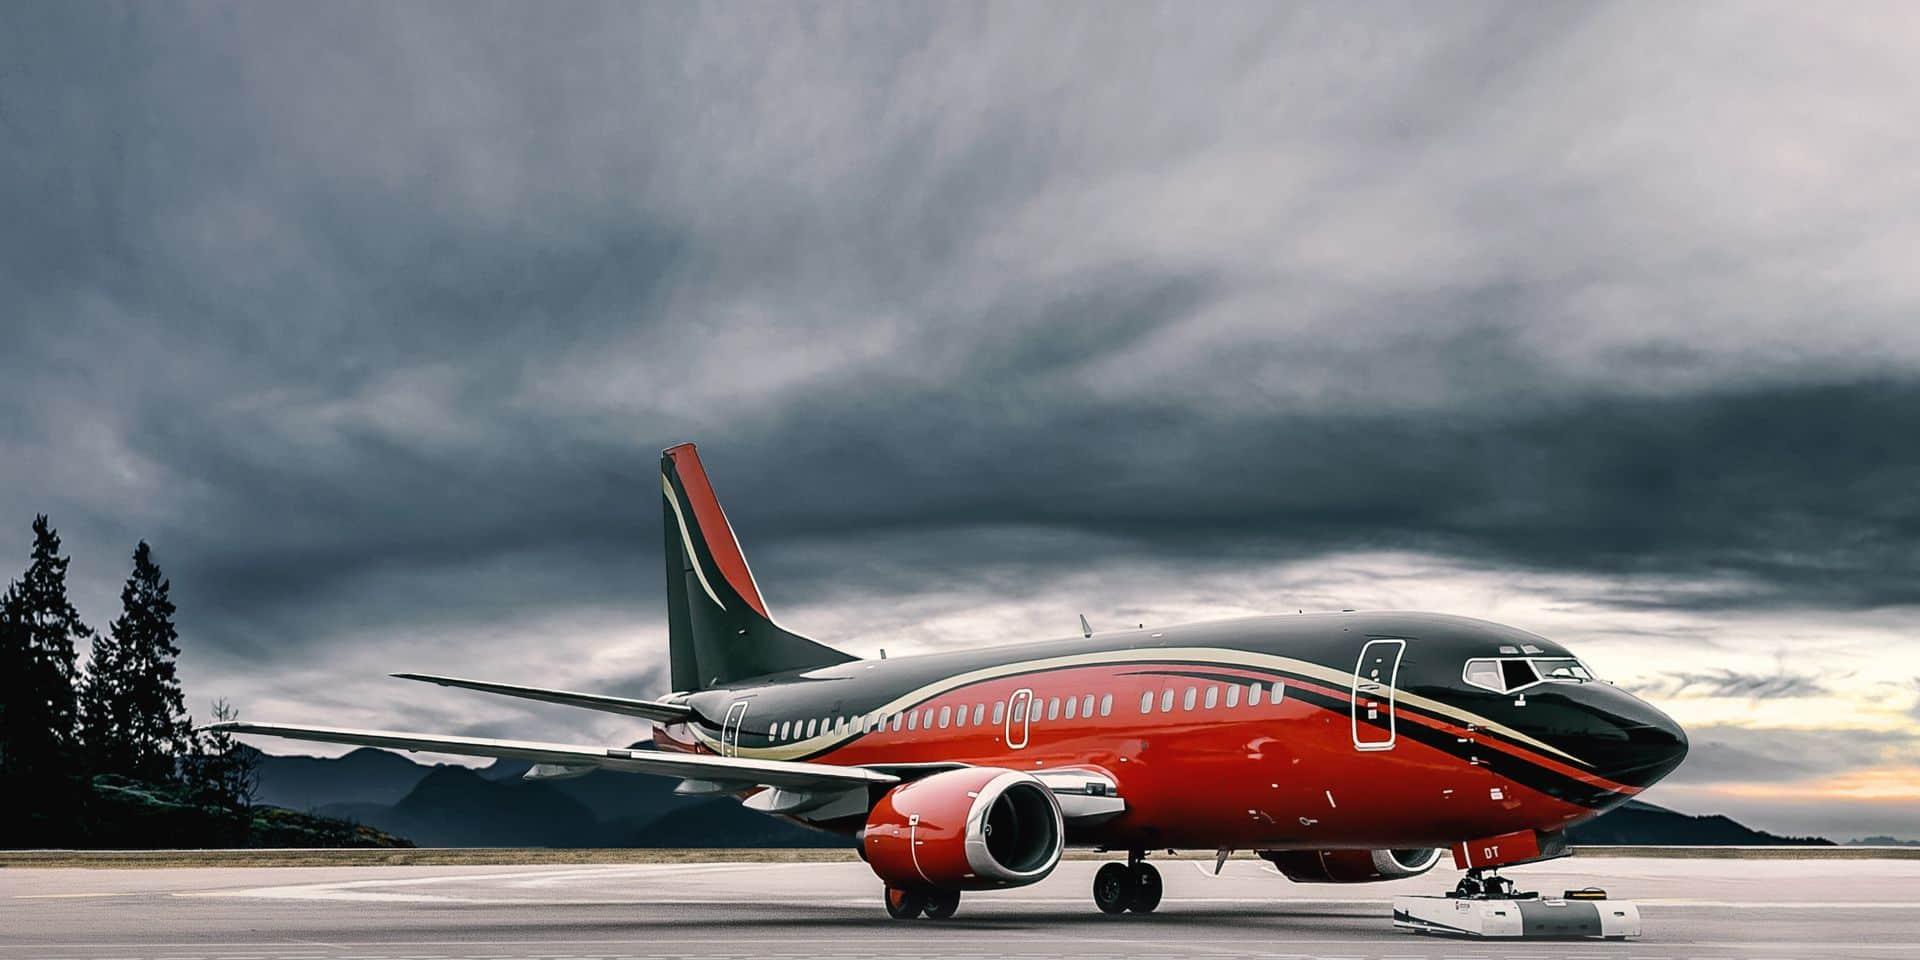 D'après nos informations, les Diables rouges voleront avec l'un des six Boeing 737 VIP de la compagnie lituanienne Klasjet, spécialisée dans les voyages de ce type.